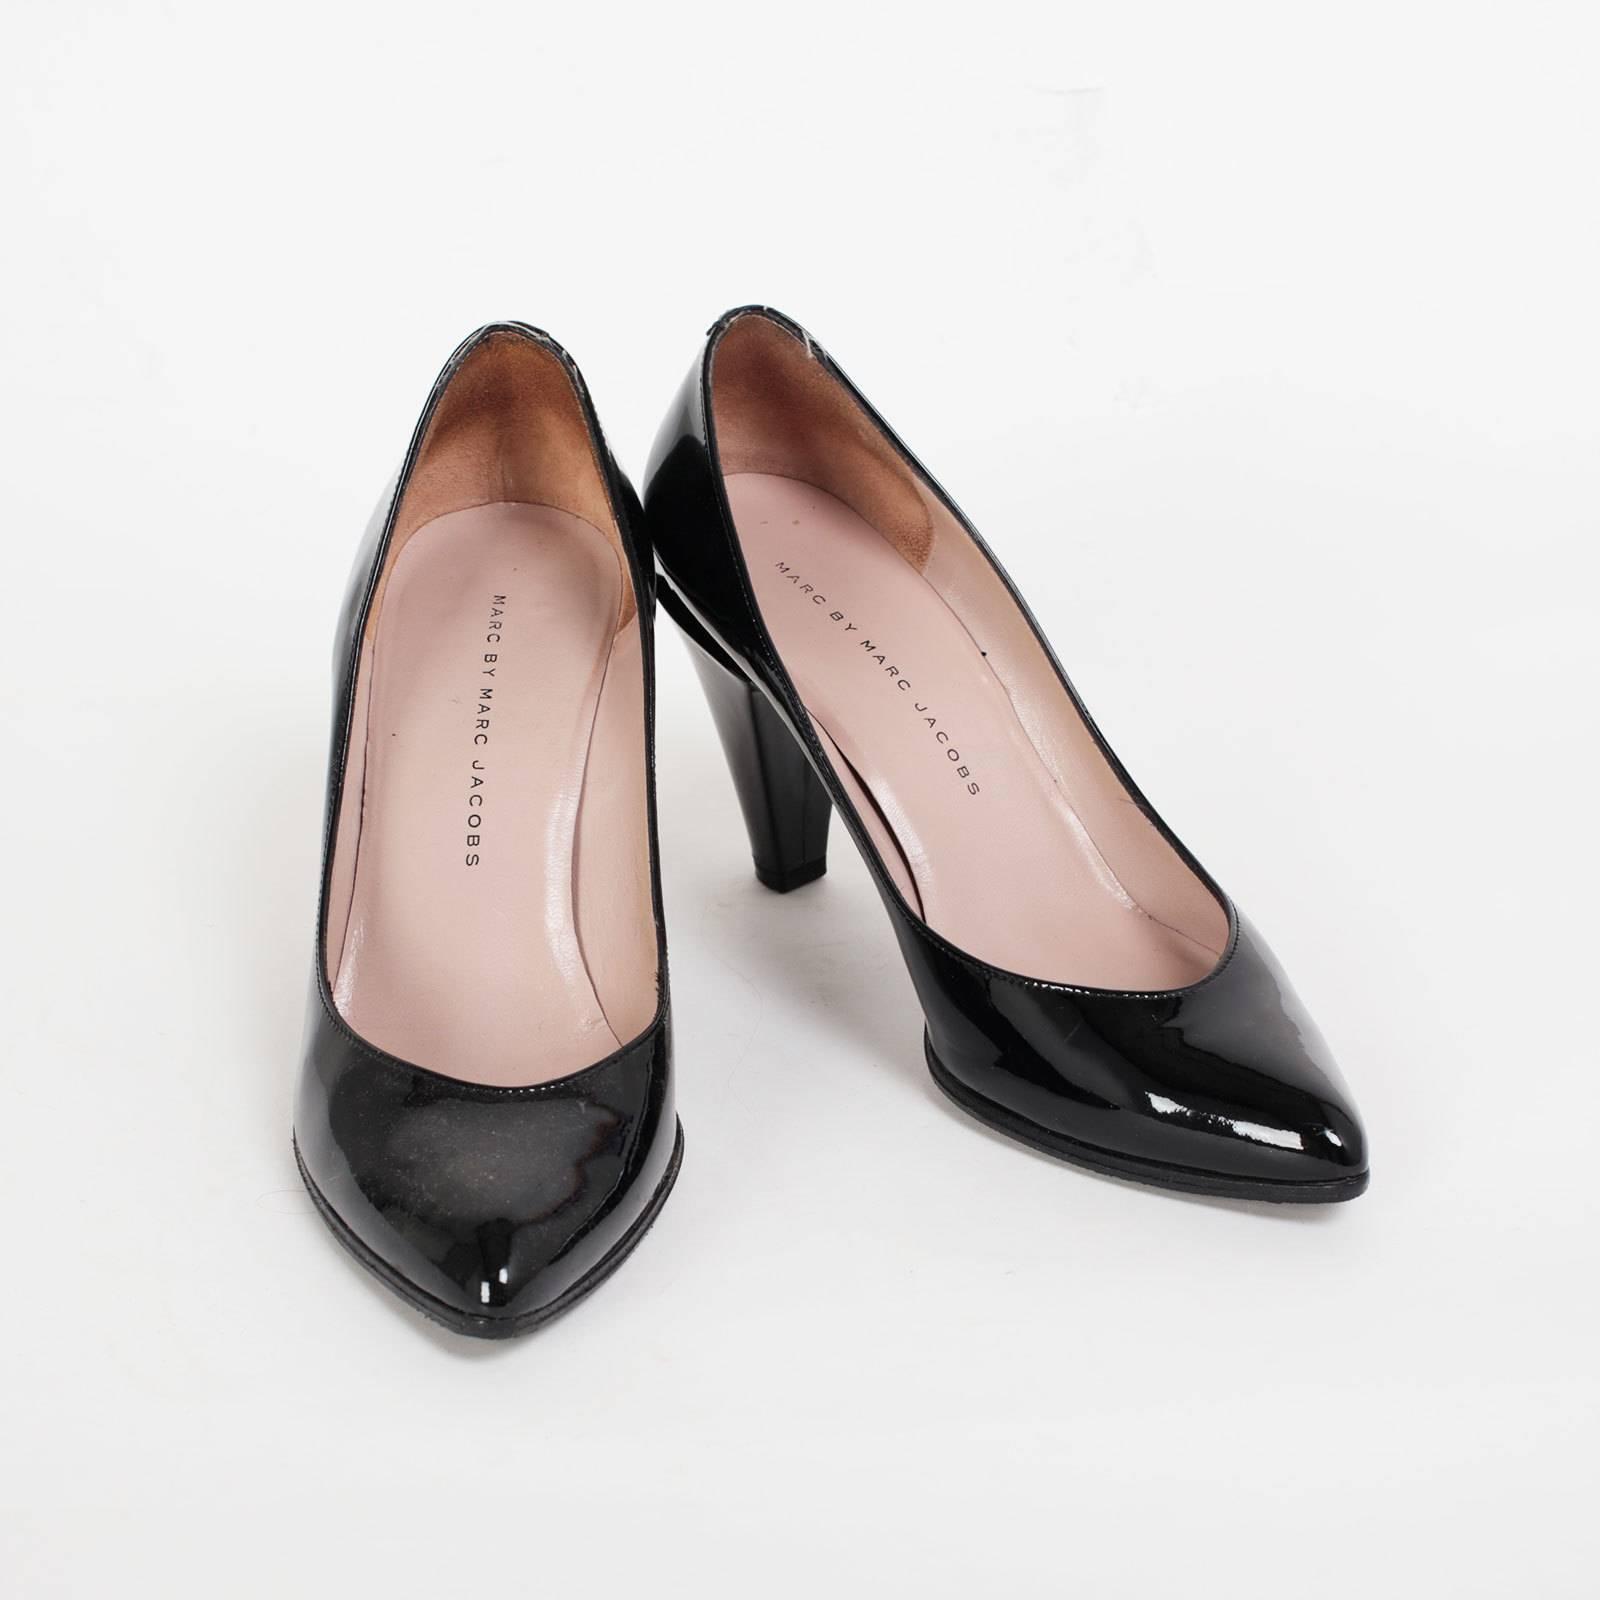 Купить туфли Marc by Marc Jacobs в Москве с доставкой по цене 4200 ... a703aa216a9